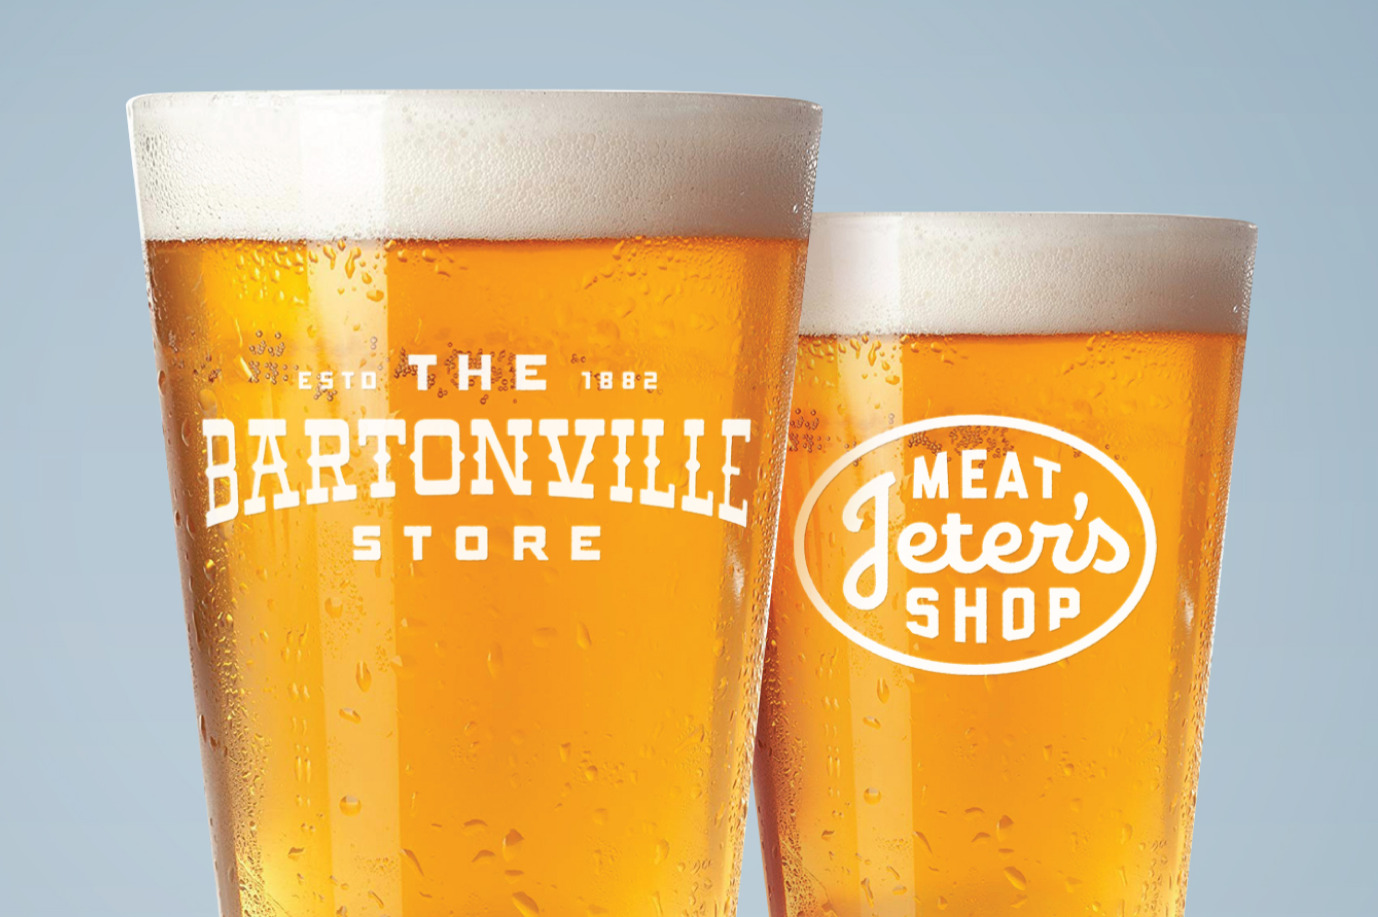 The Bartonville Store